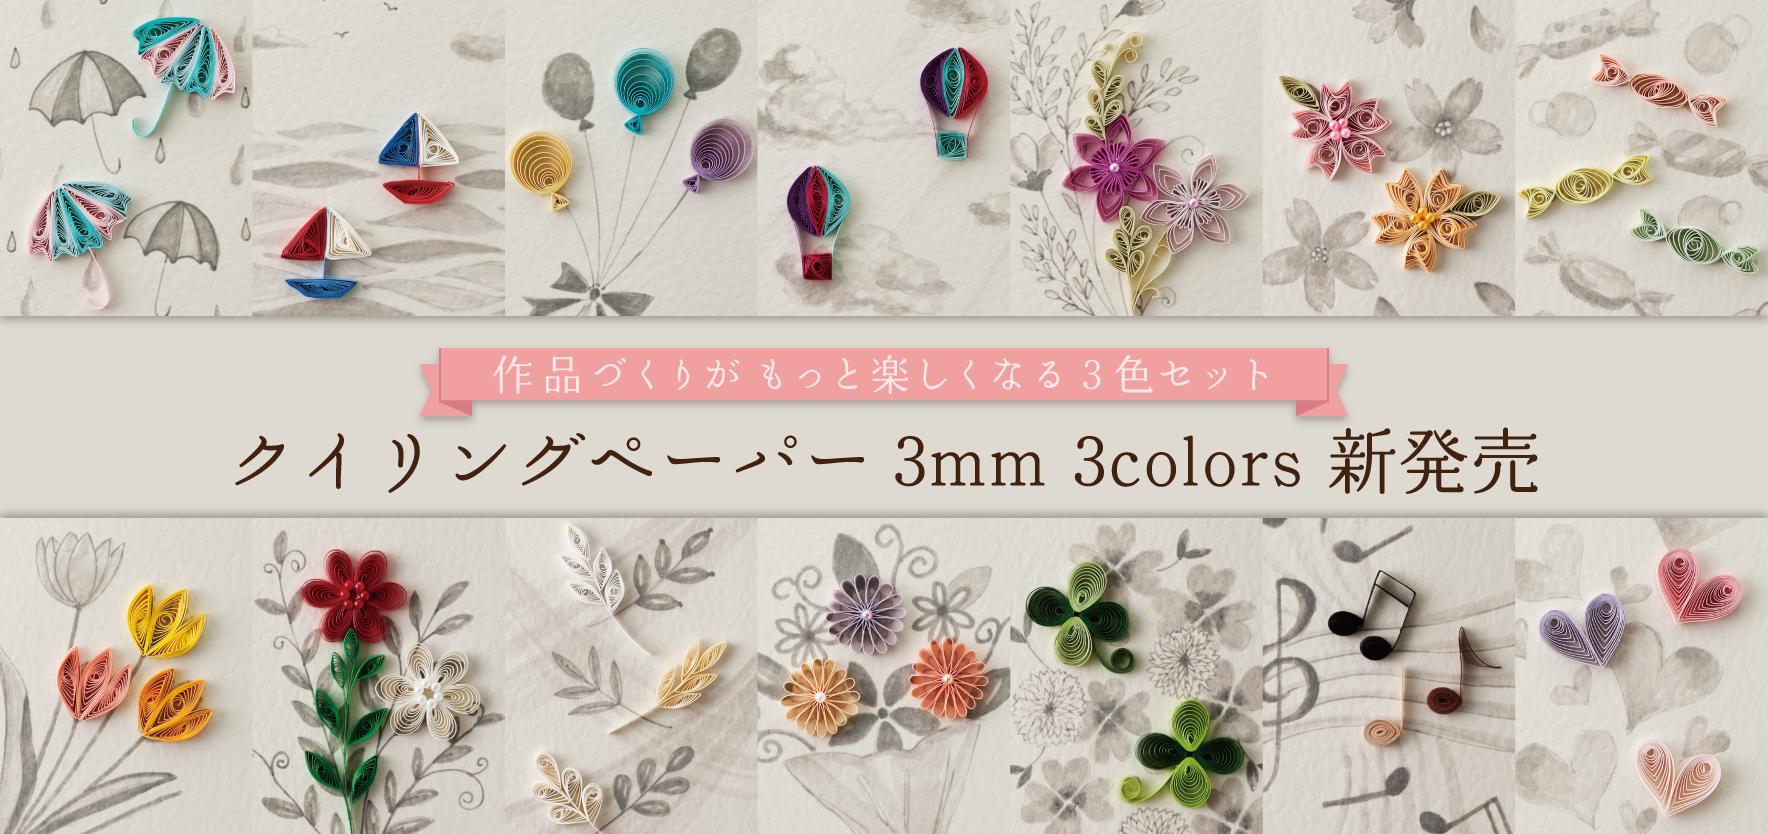 クイリングペーパー3mm 3colors新発売